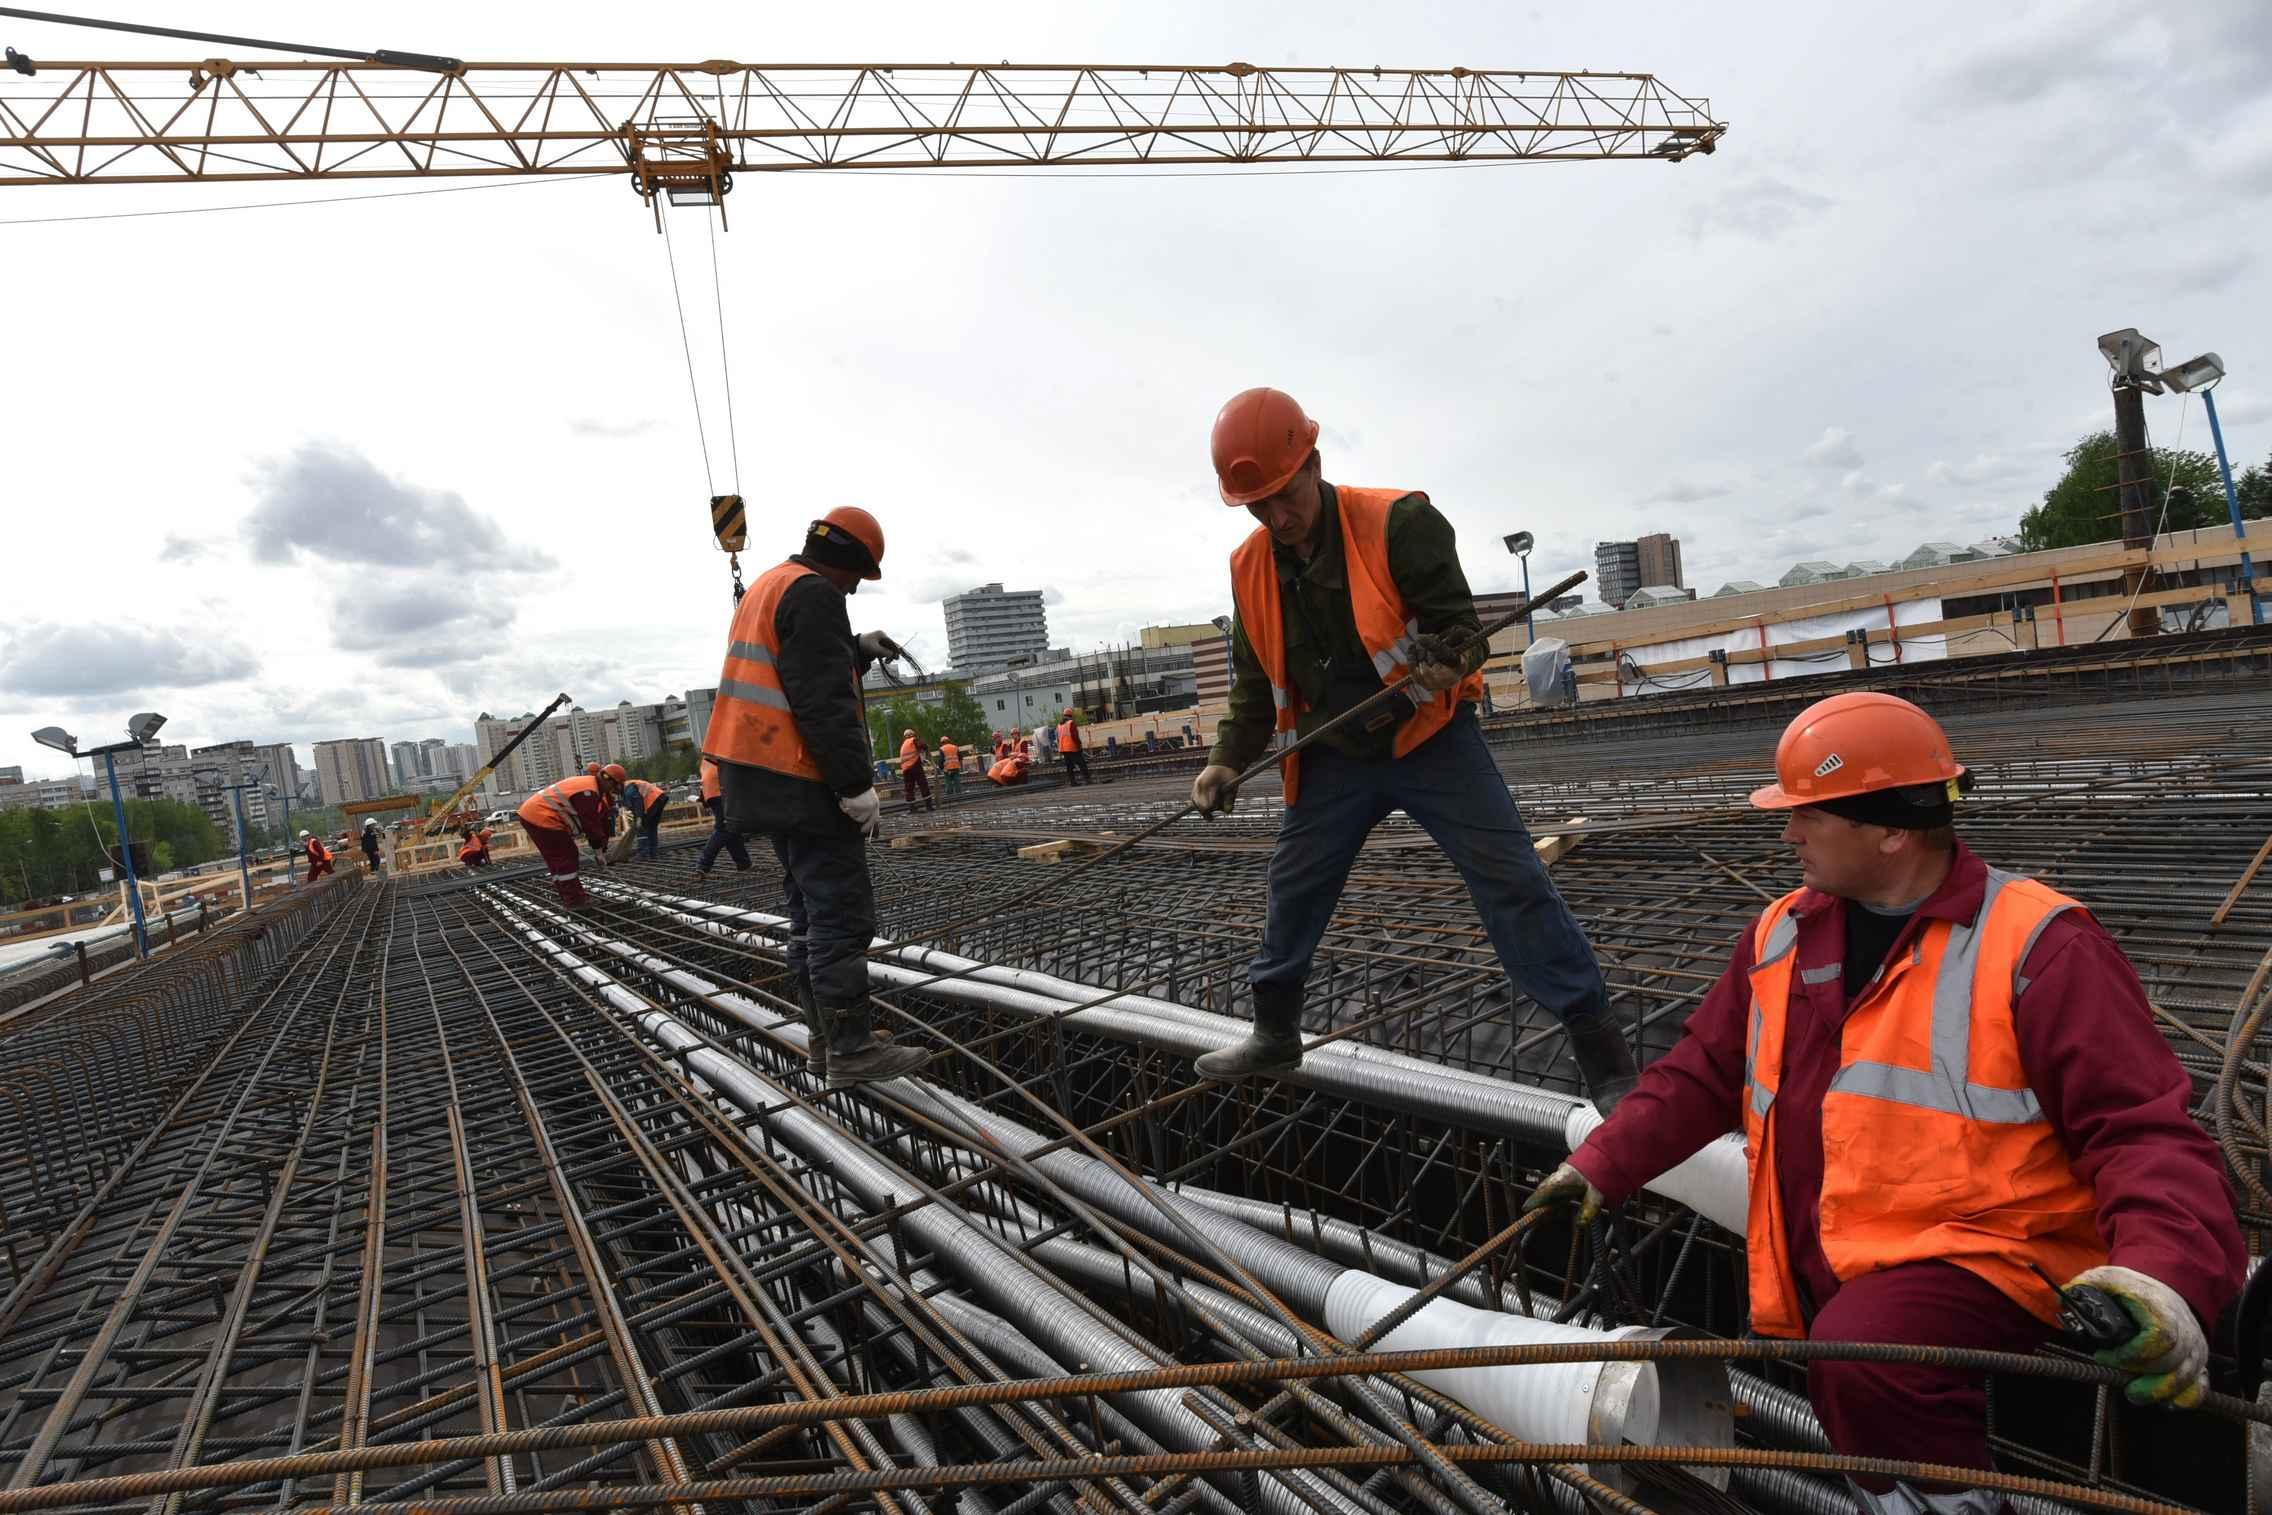 Путепровод к ТПУ «Саларьево» в Новой Москве откроется до 2020 года